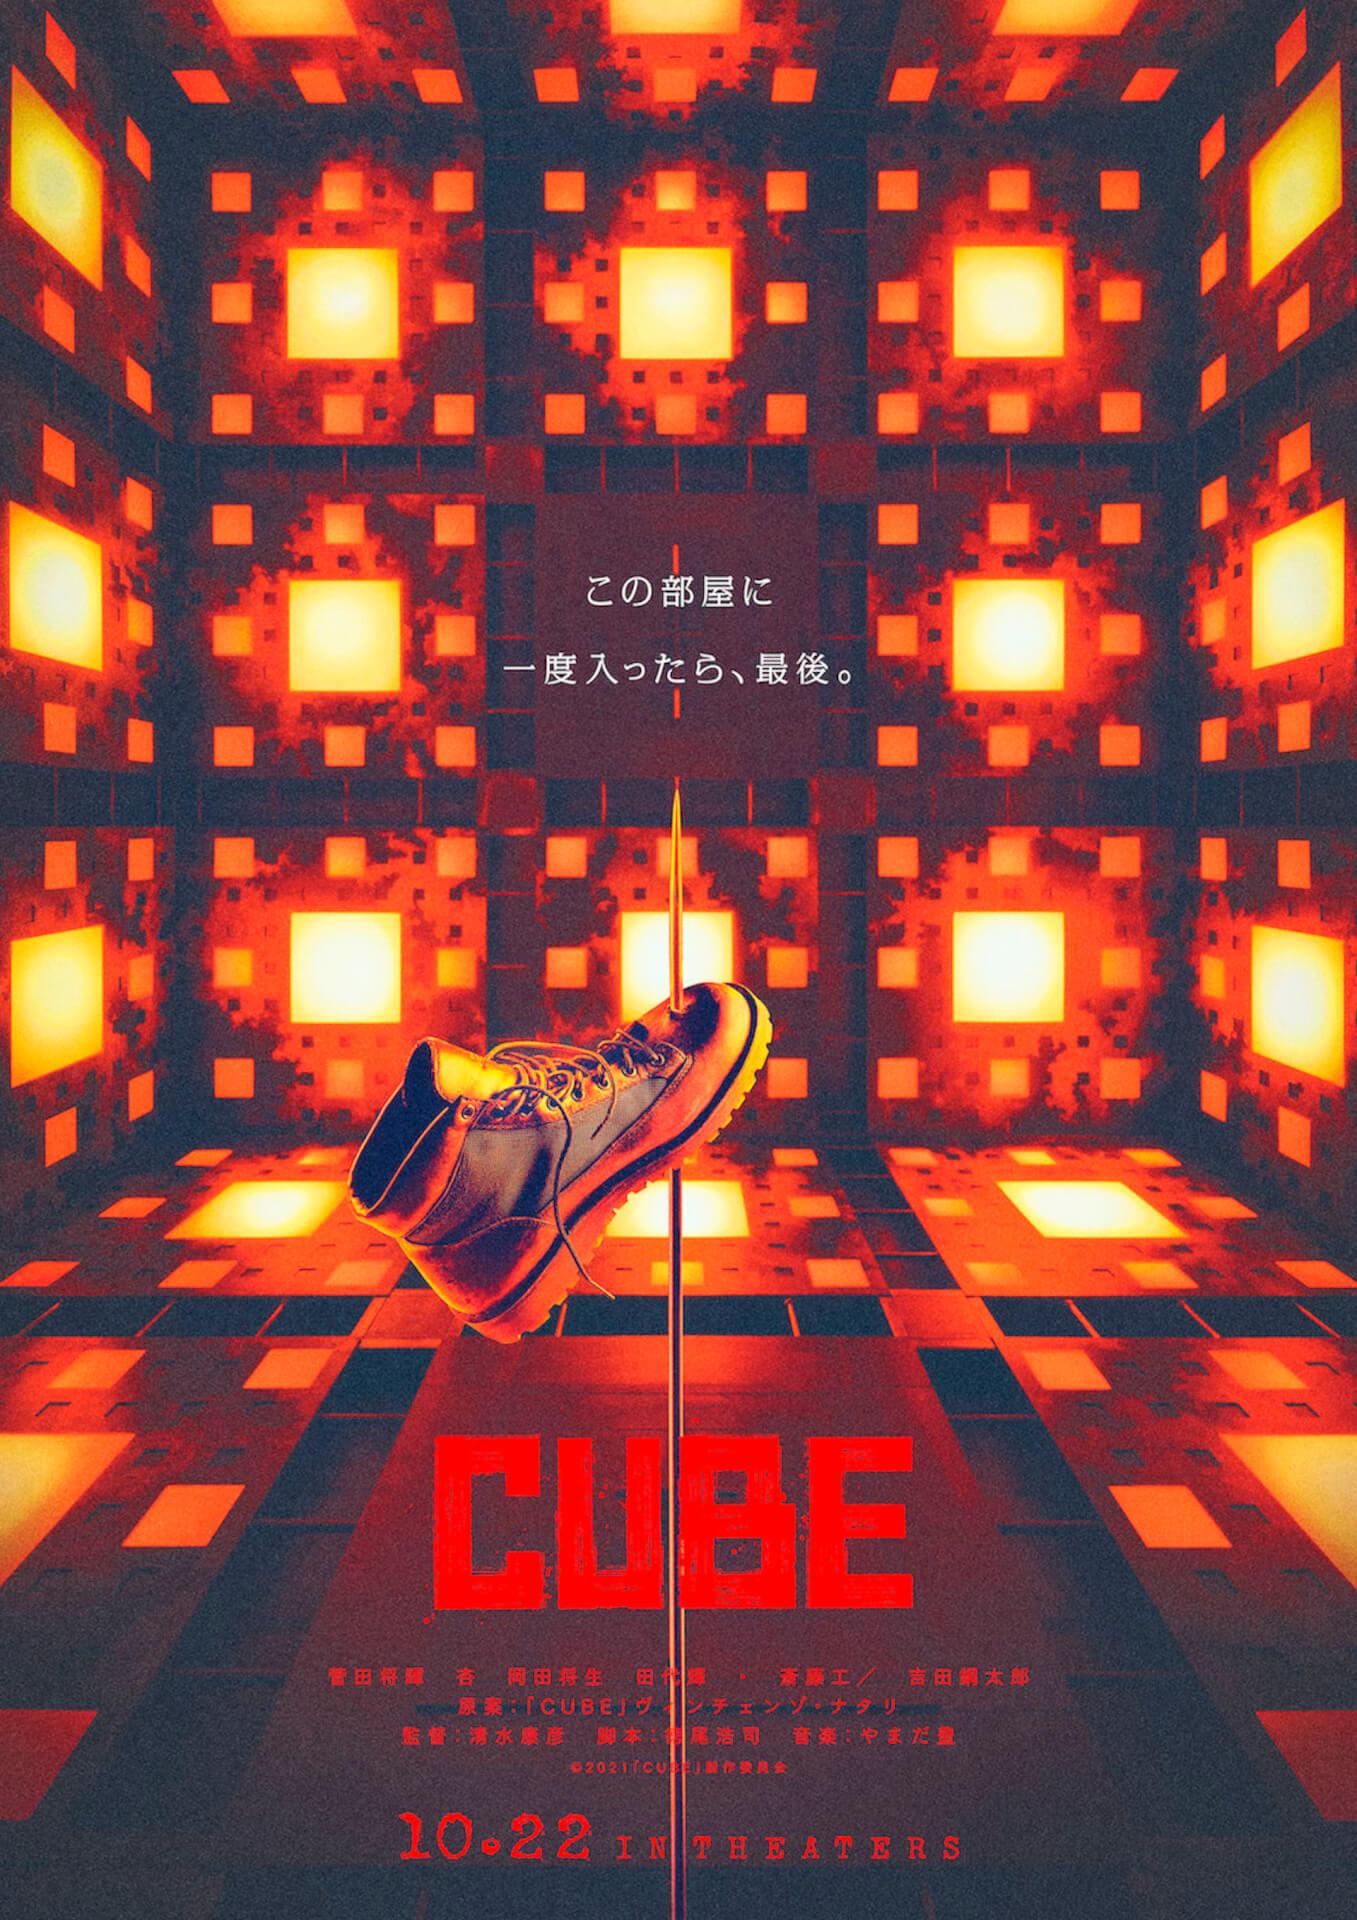 菅田将暉主演のリメイク作『CUBE』に柄本時生が出演決定!元祖サイコロステーキ先輩として登場 film210618_cube_3